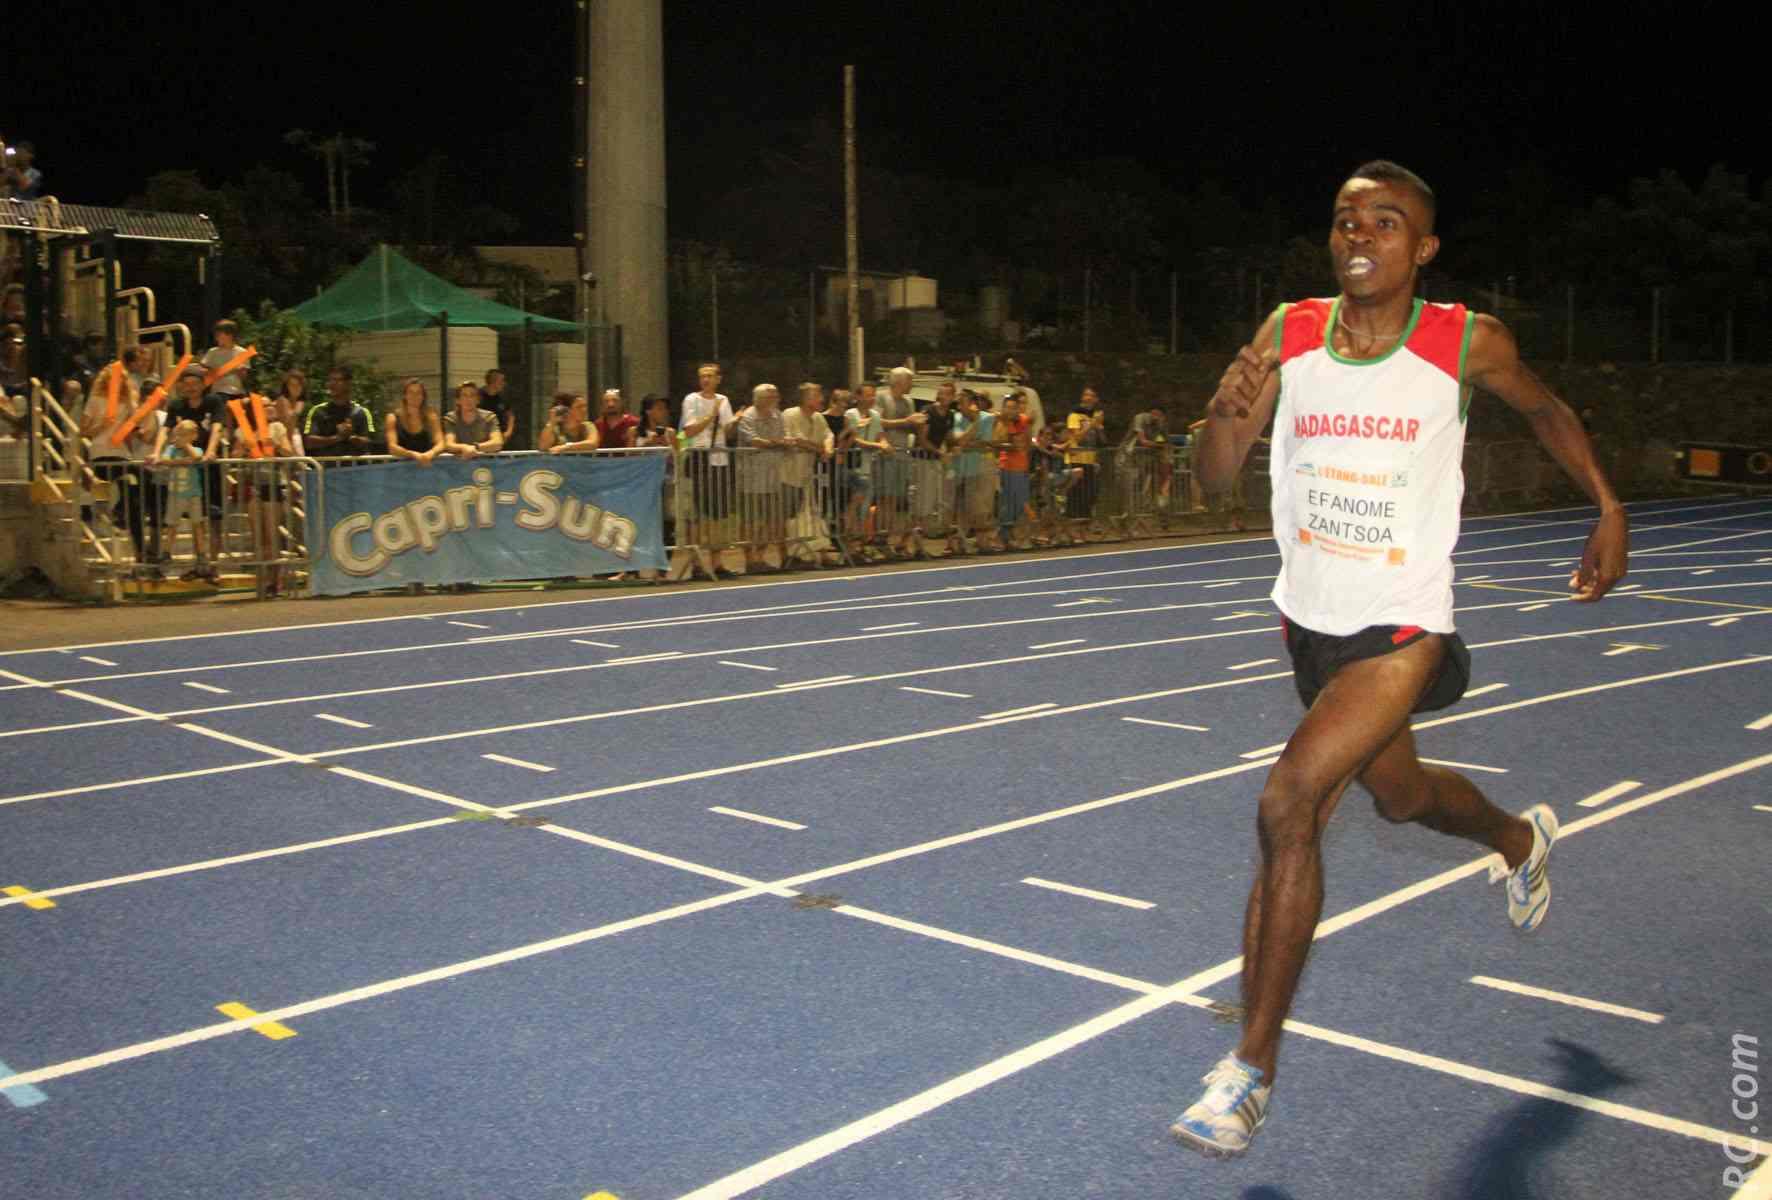 Le malgache Effanome 2ème sur le 1500m